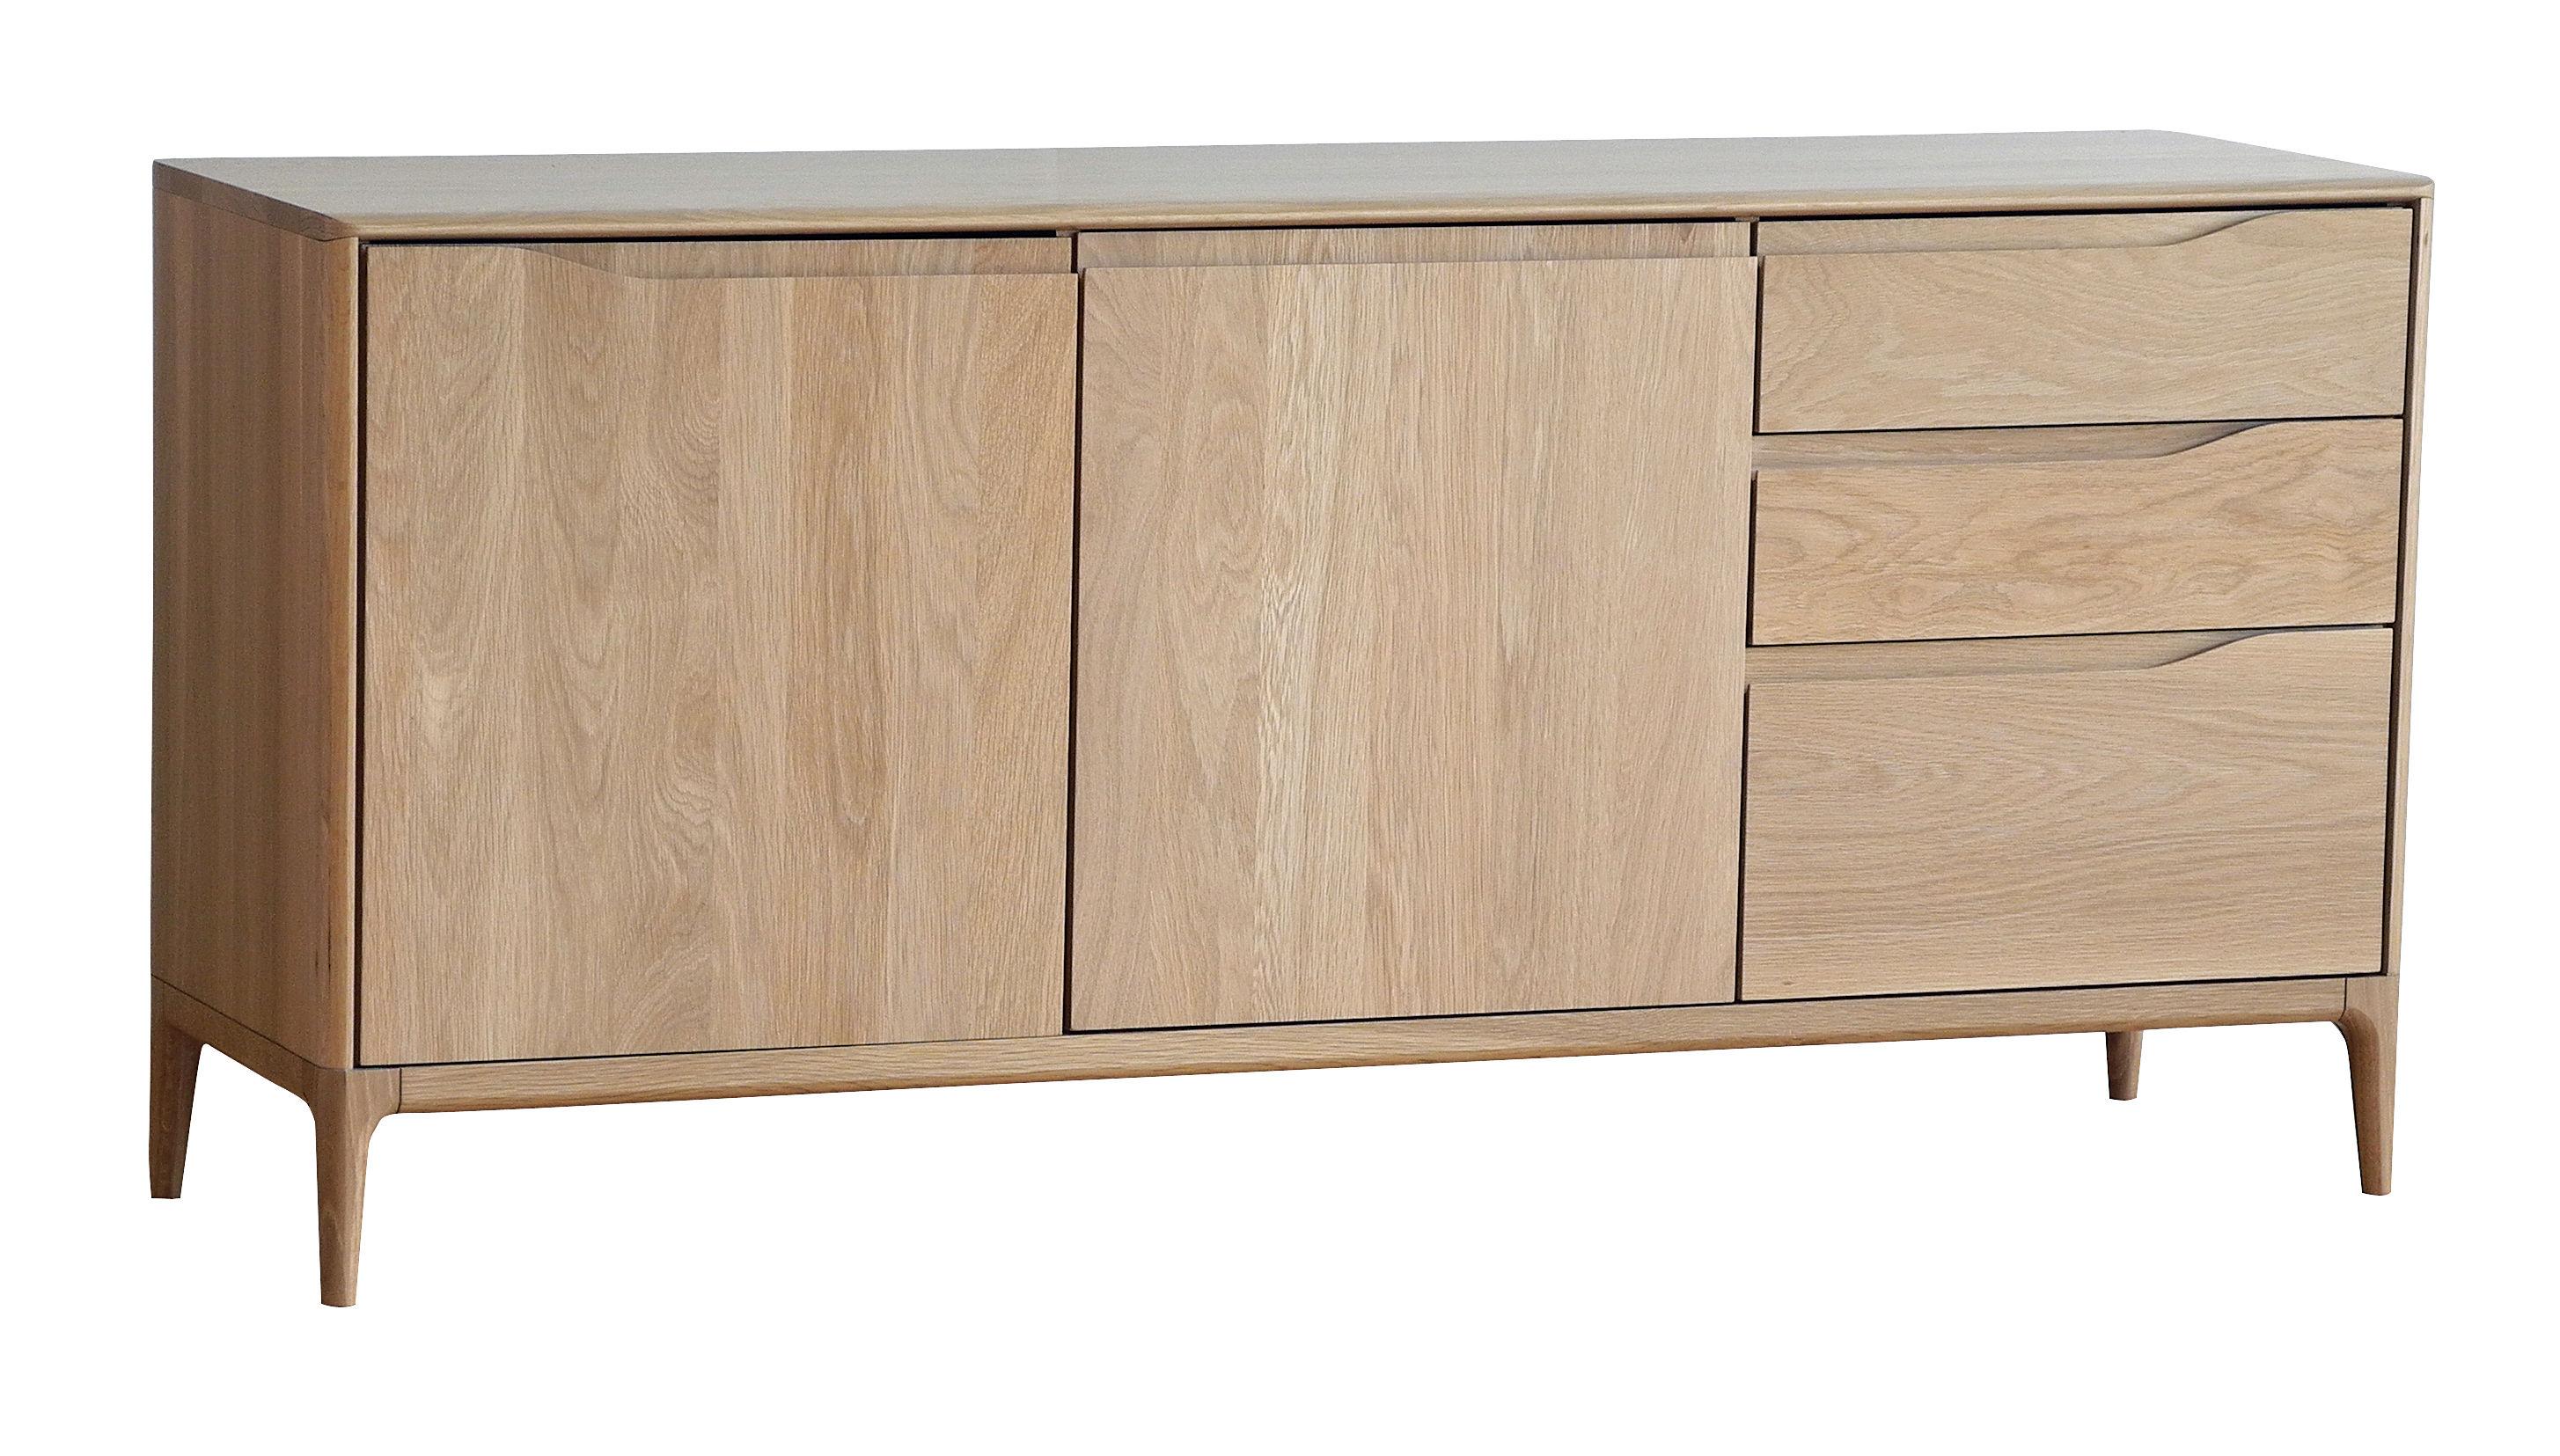 Furniture - Dressers & Storage Units - Romana Dresser - Oak / L 160 cm by Ercol - Natural oak - Solid oak